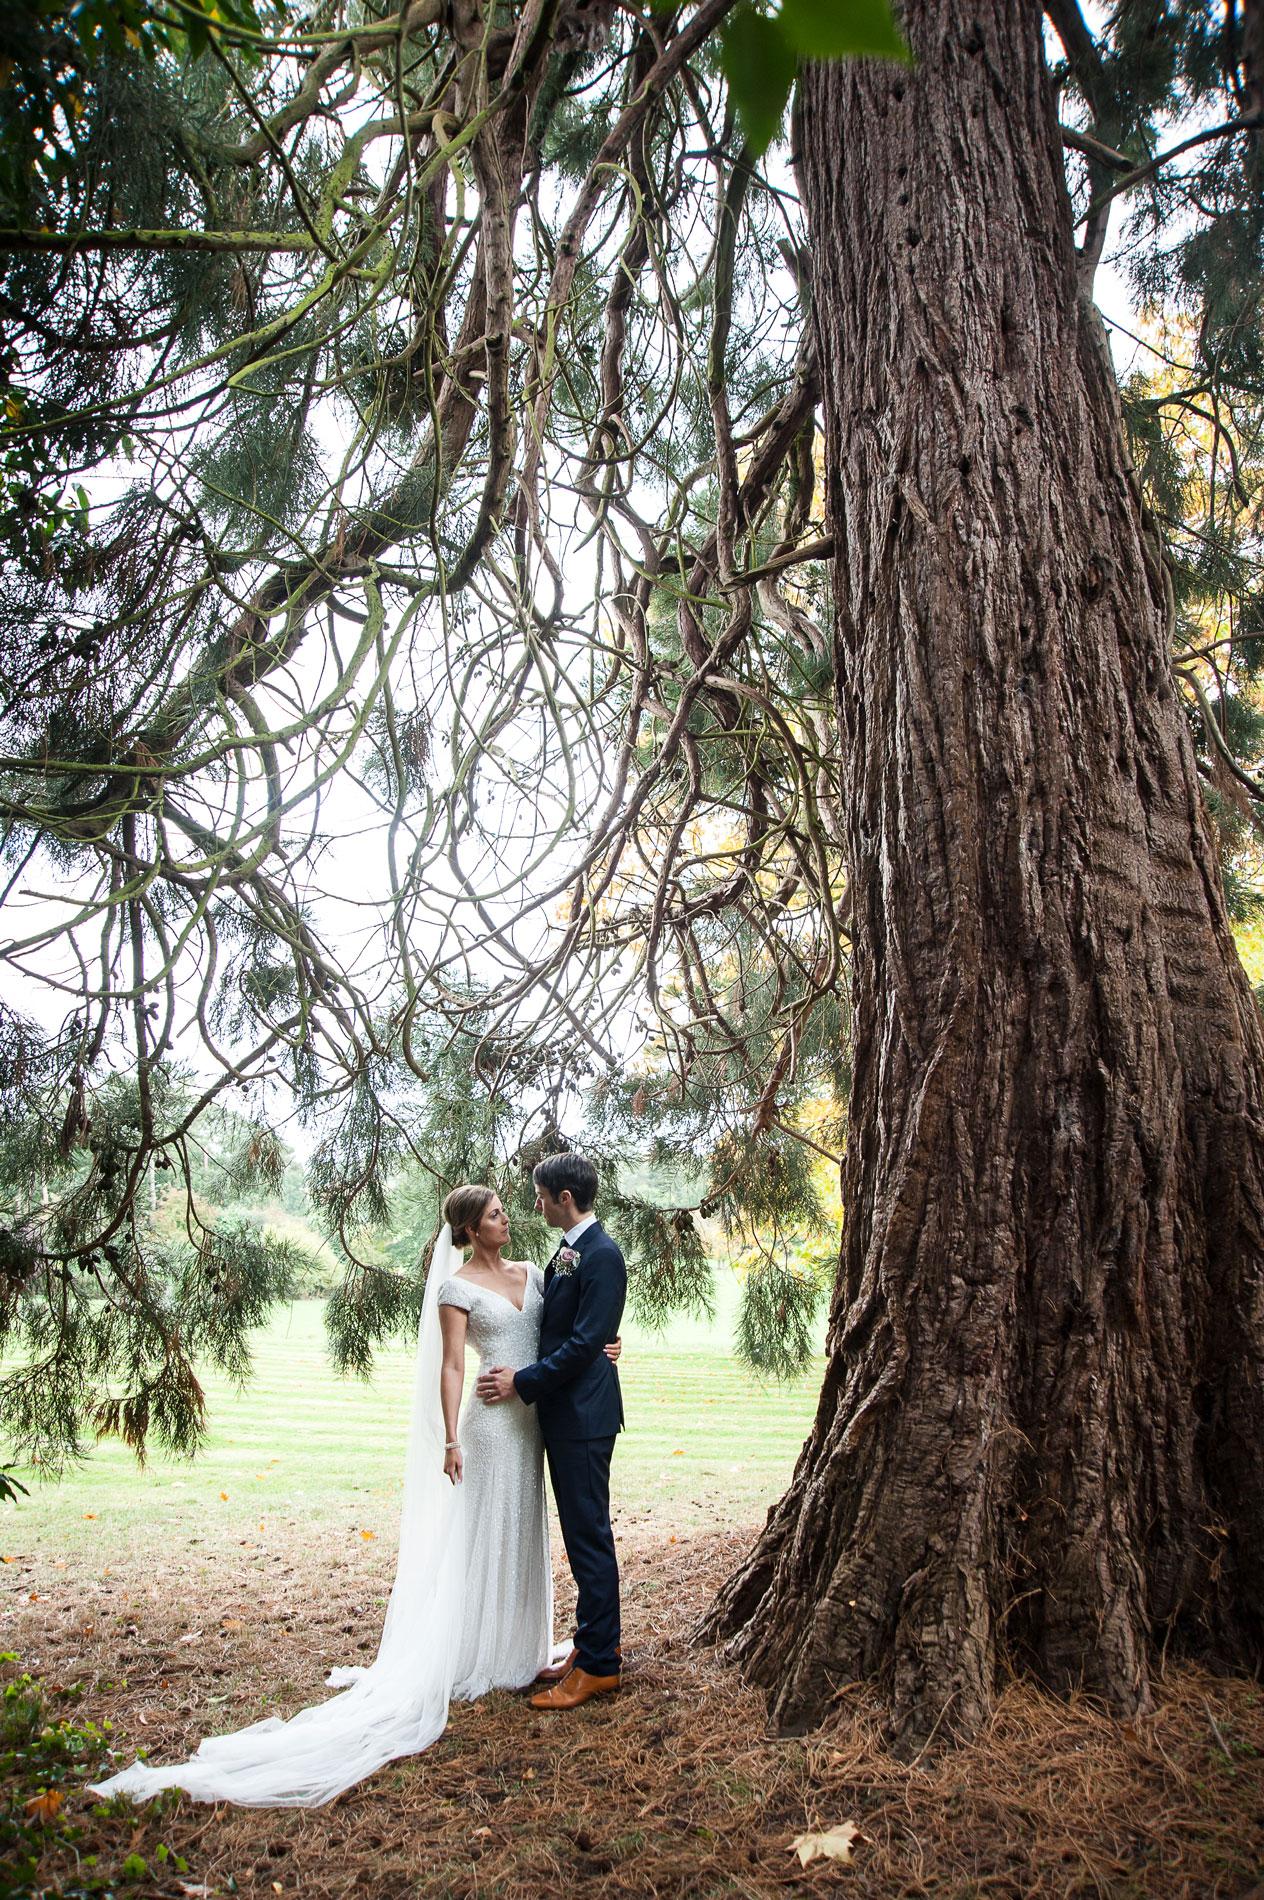 Kilworth-weddings-_46.jpg